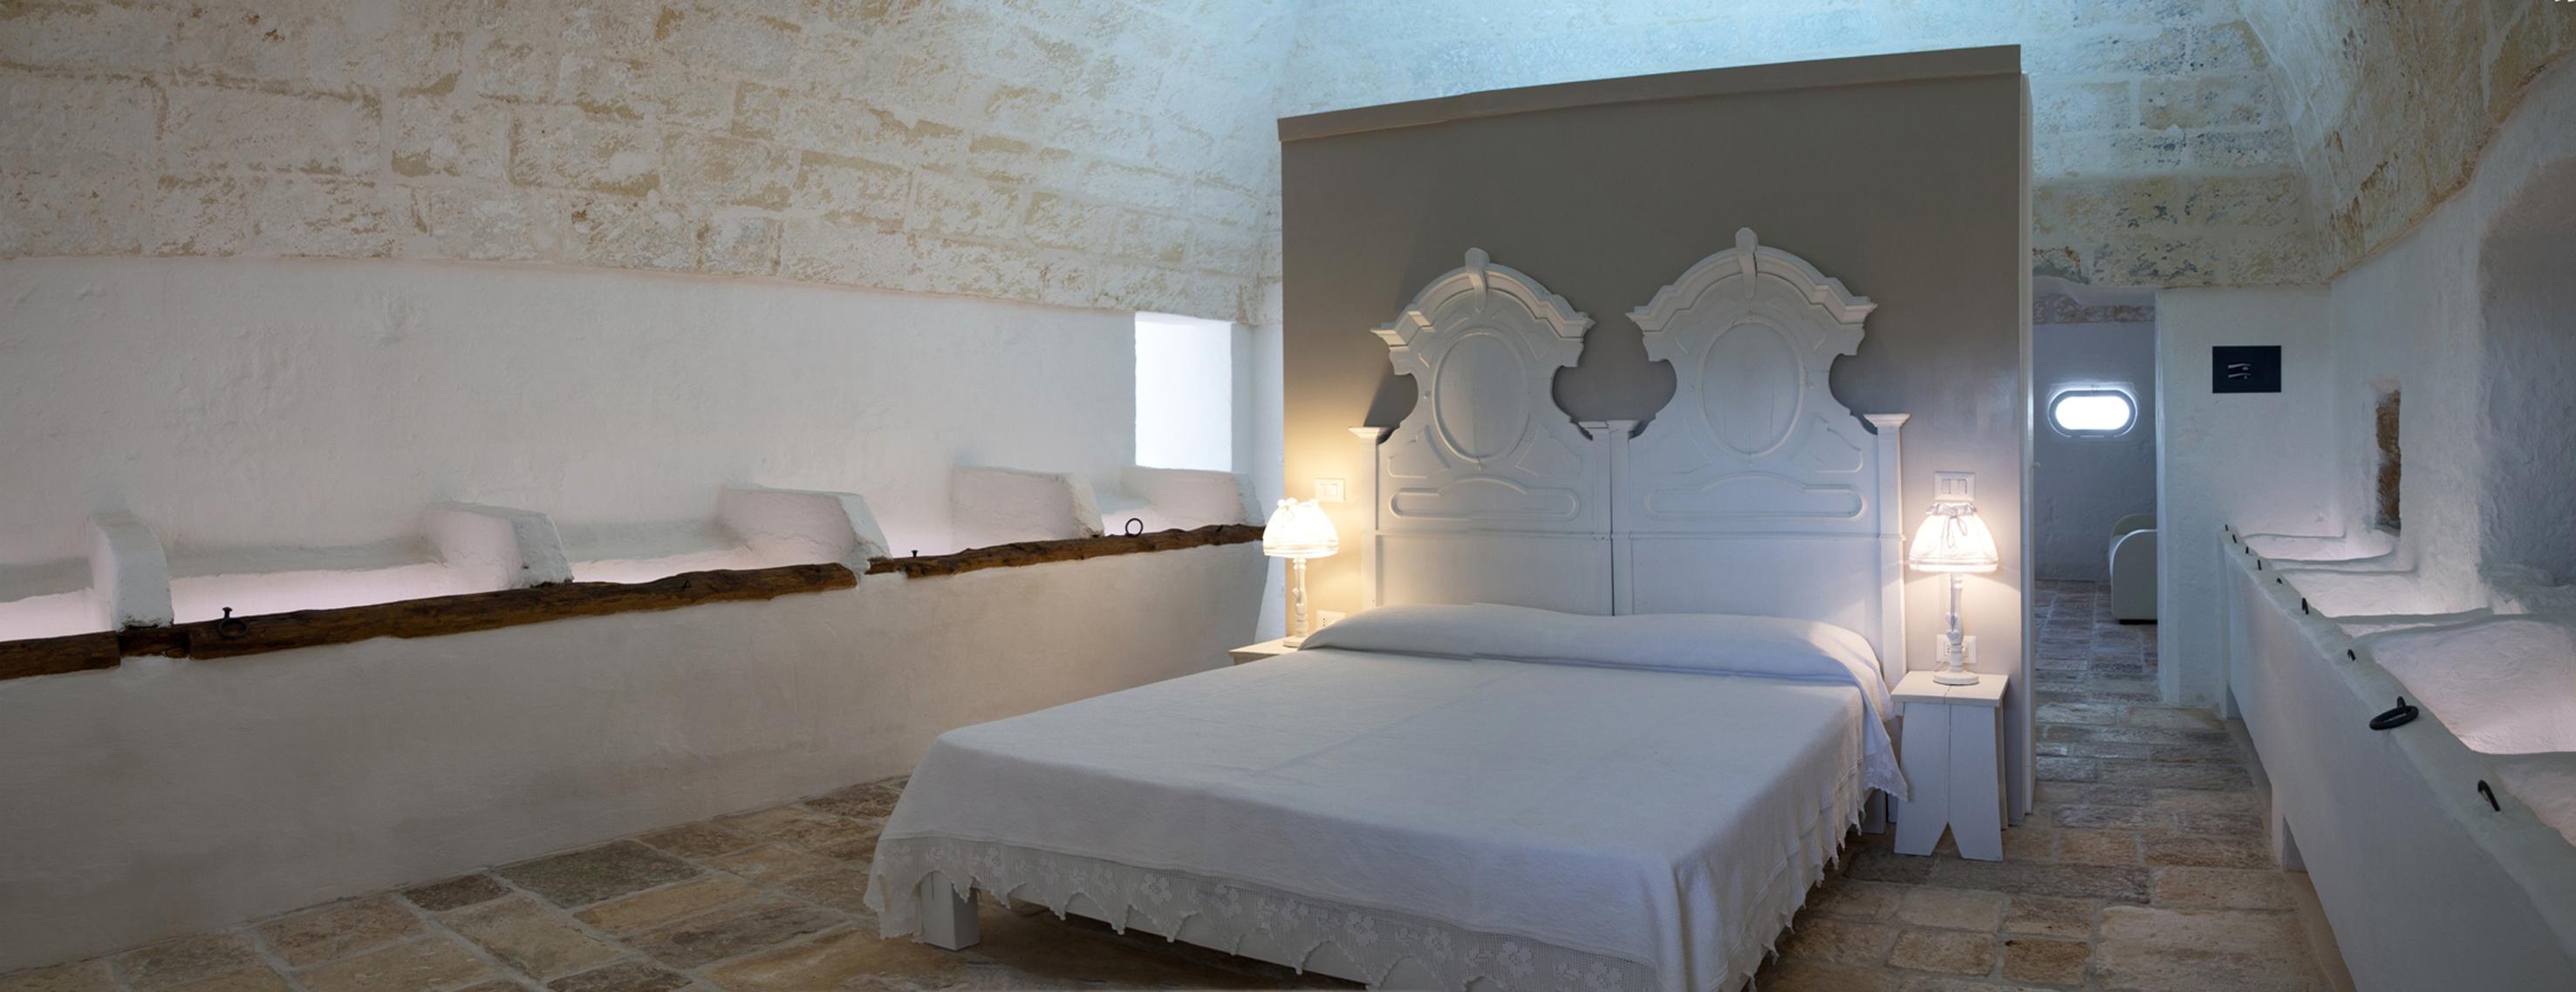 Masseria La Scalella - Casa La Stalla, camera da letto